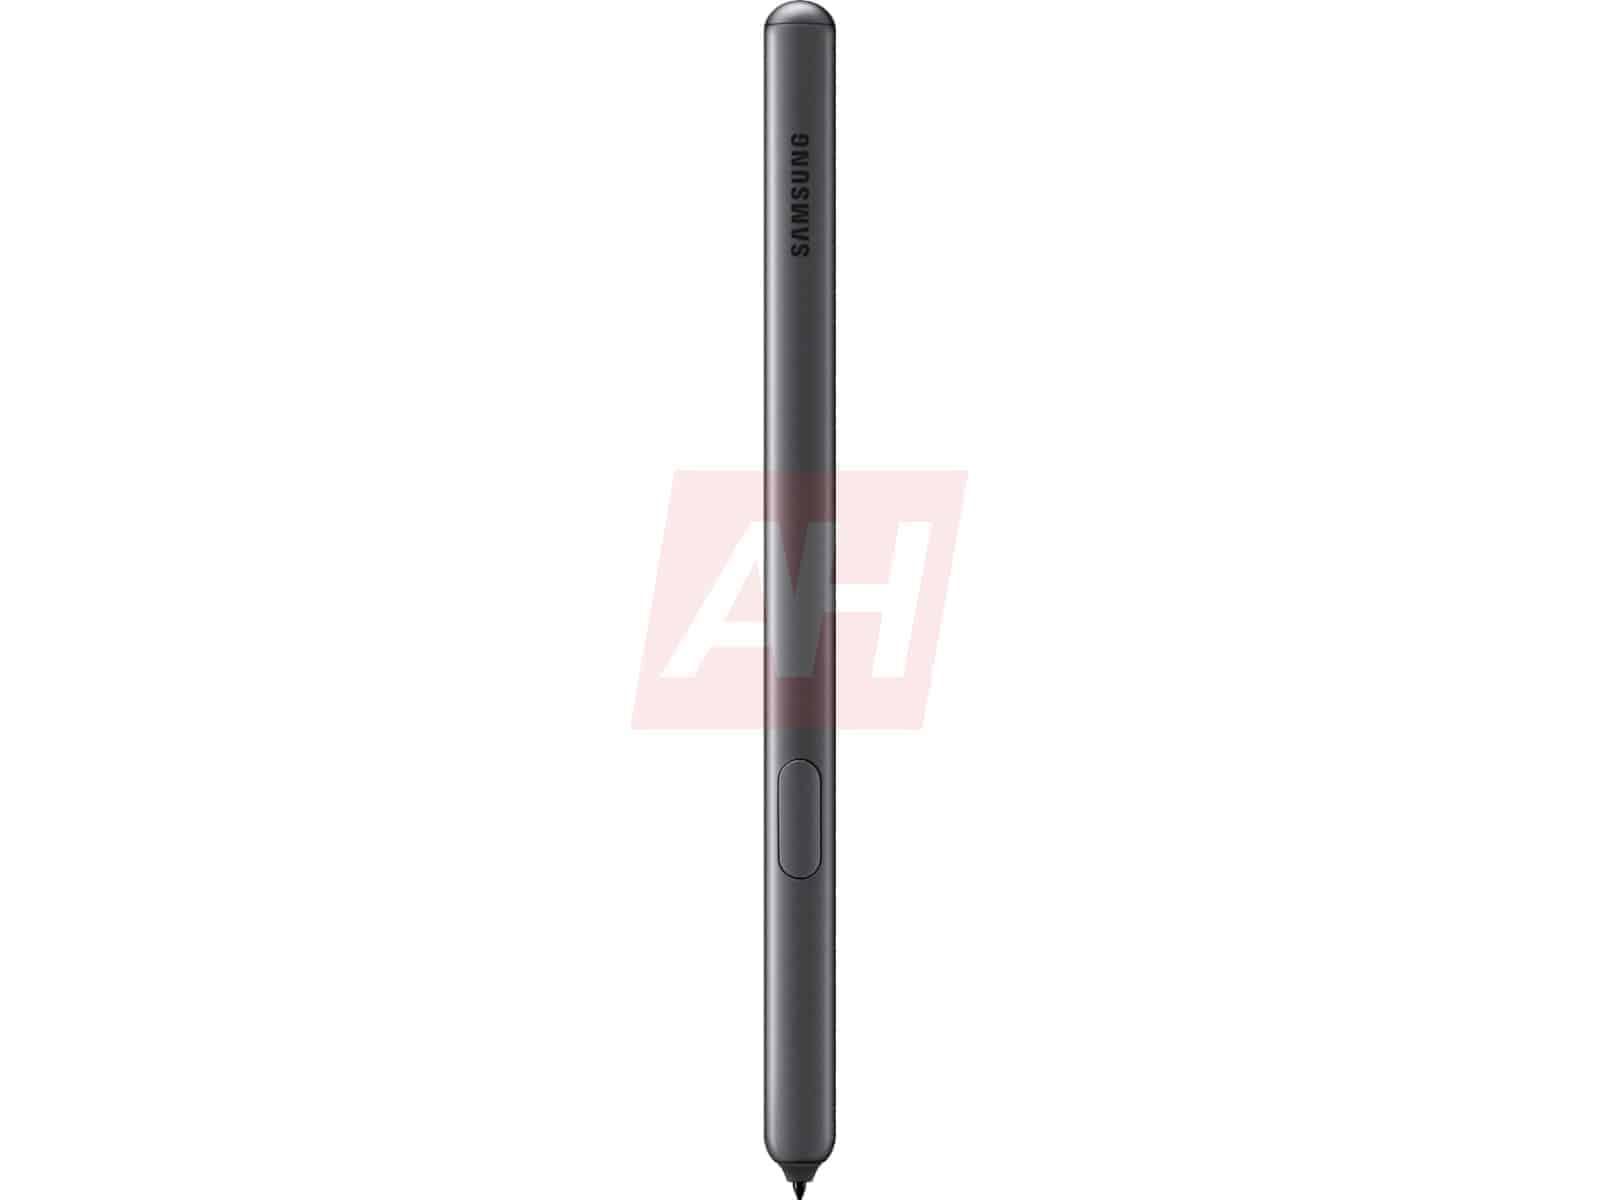 Samsung Galaxy Tab S6 Leak Grey 7